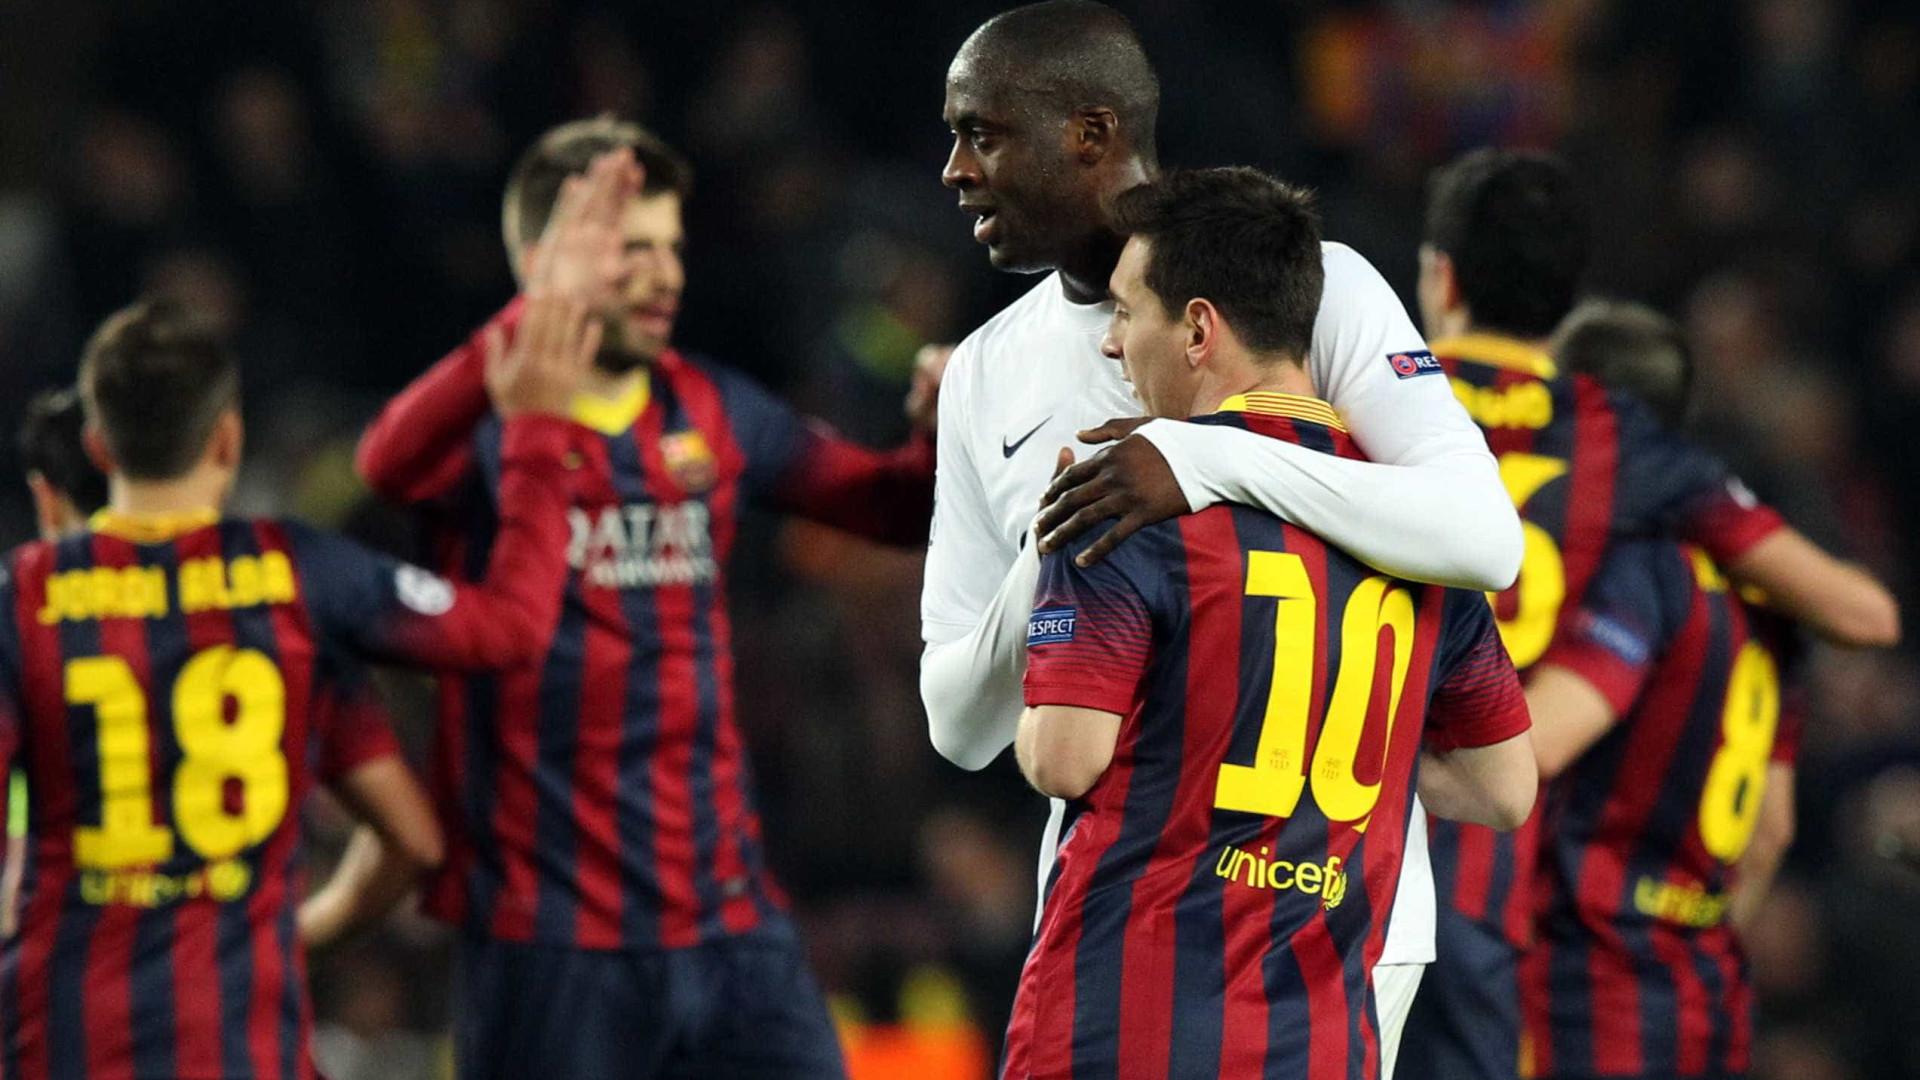 Barcelona anuncia receita líquida de 18 milhões de euros em 2016/2017